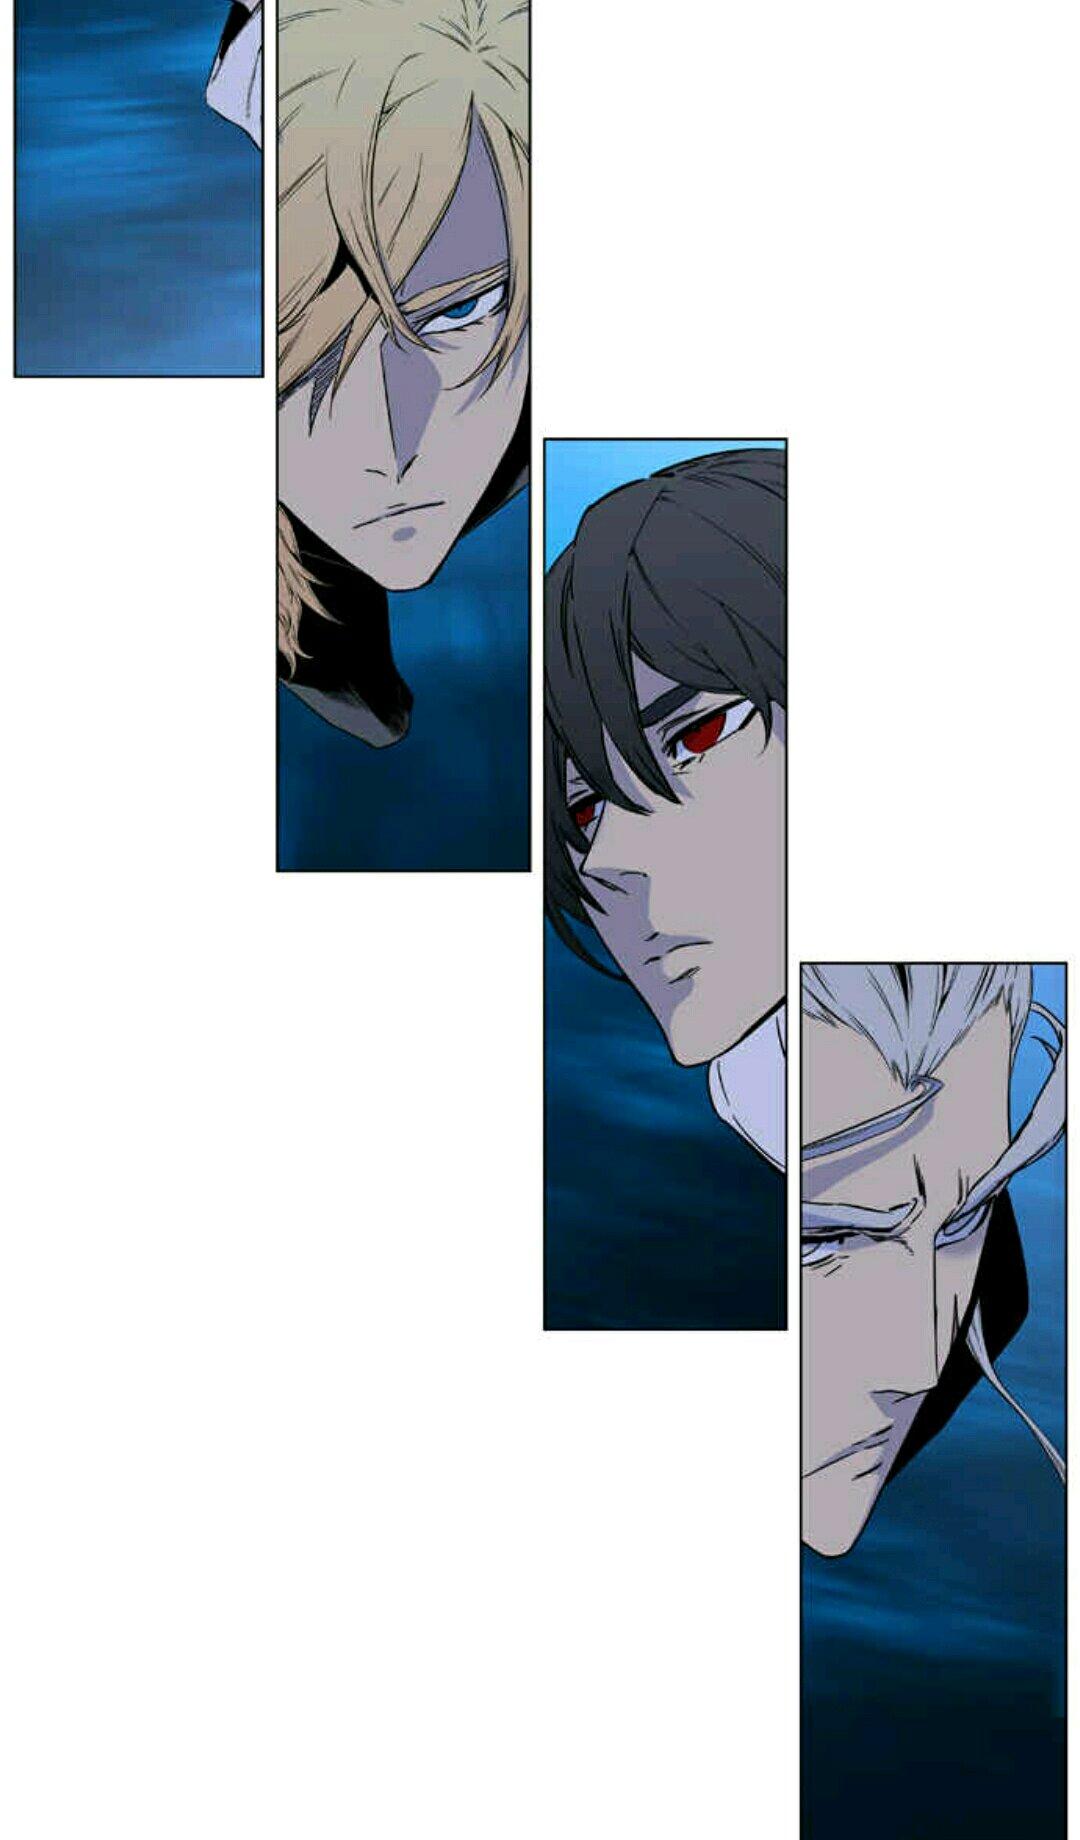 【动漫更新】《大贵族》第13集-小柚妹站